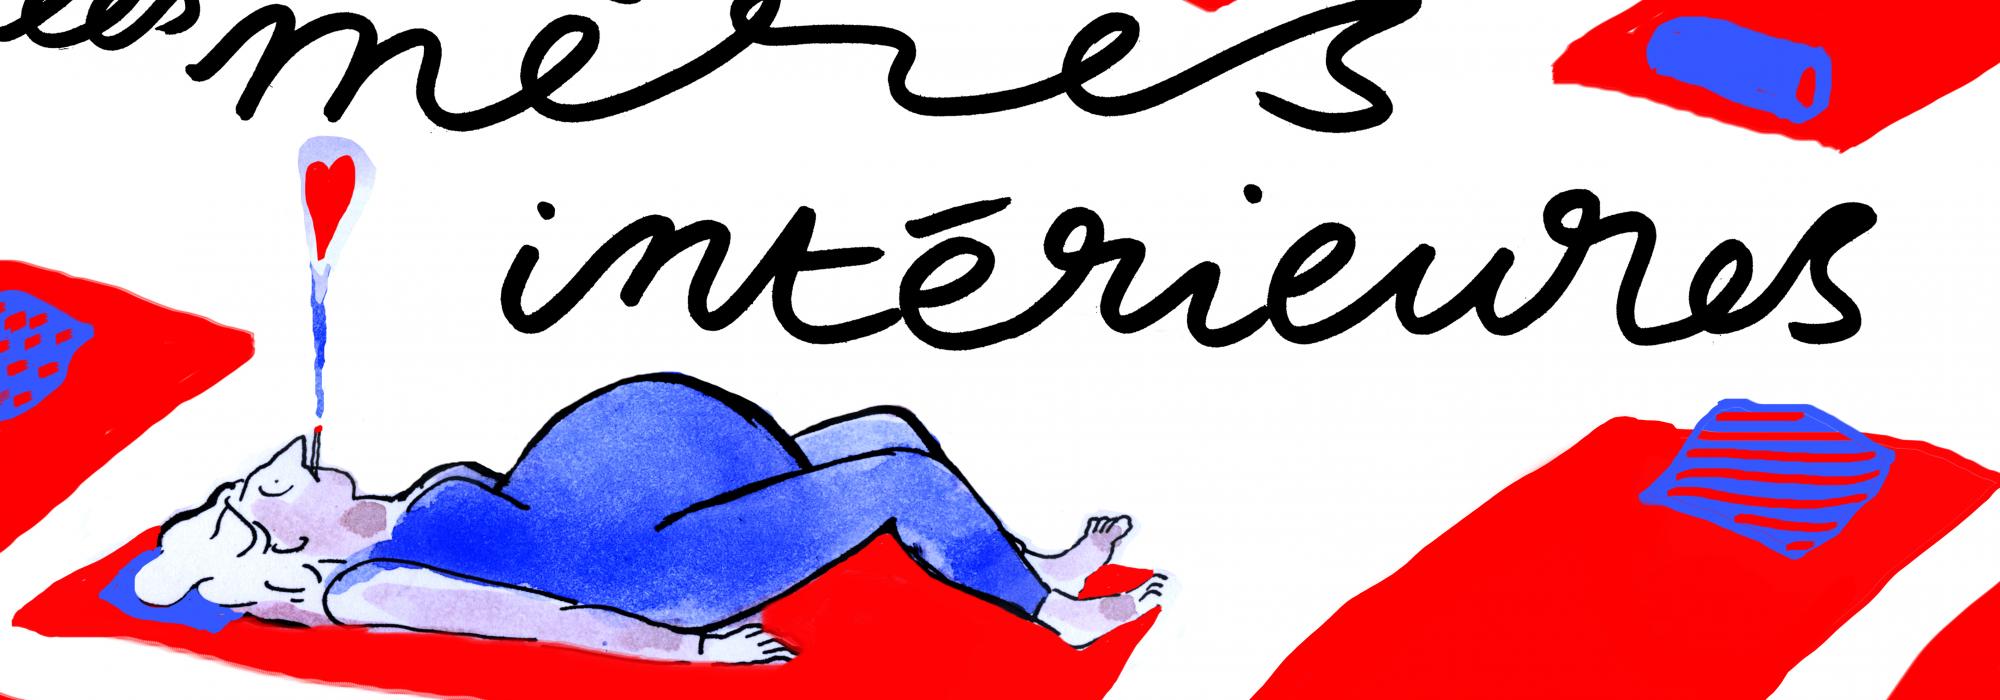 Les mères Intérieures - cover